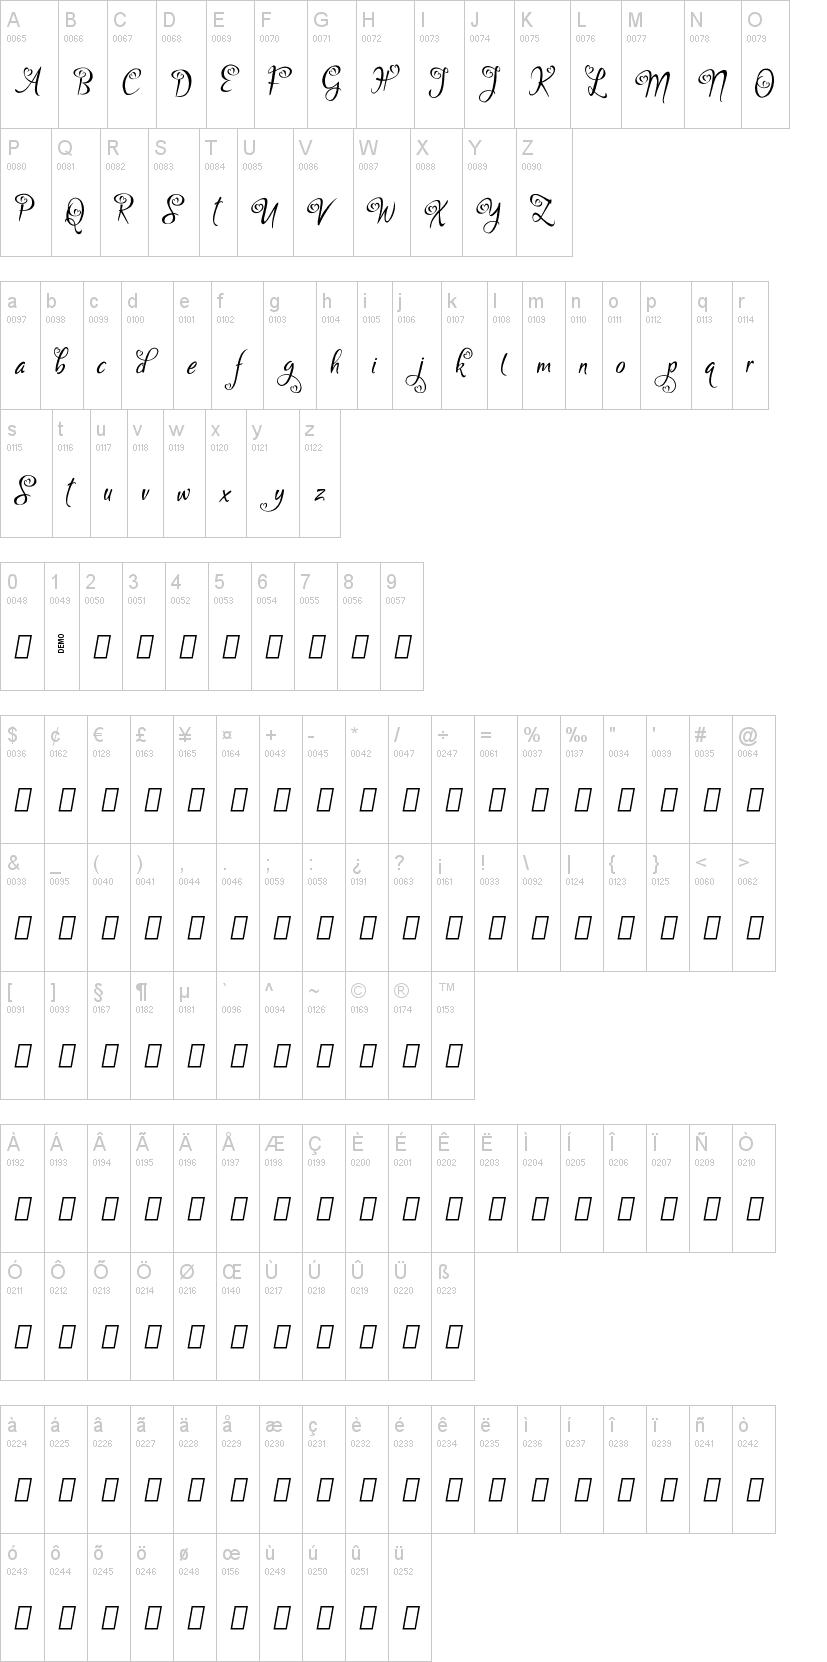 Bigdey Font-1